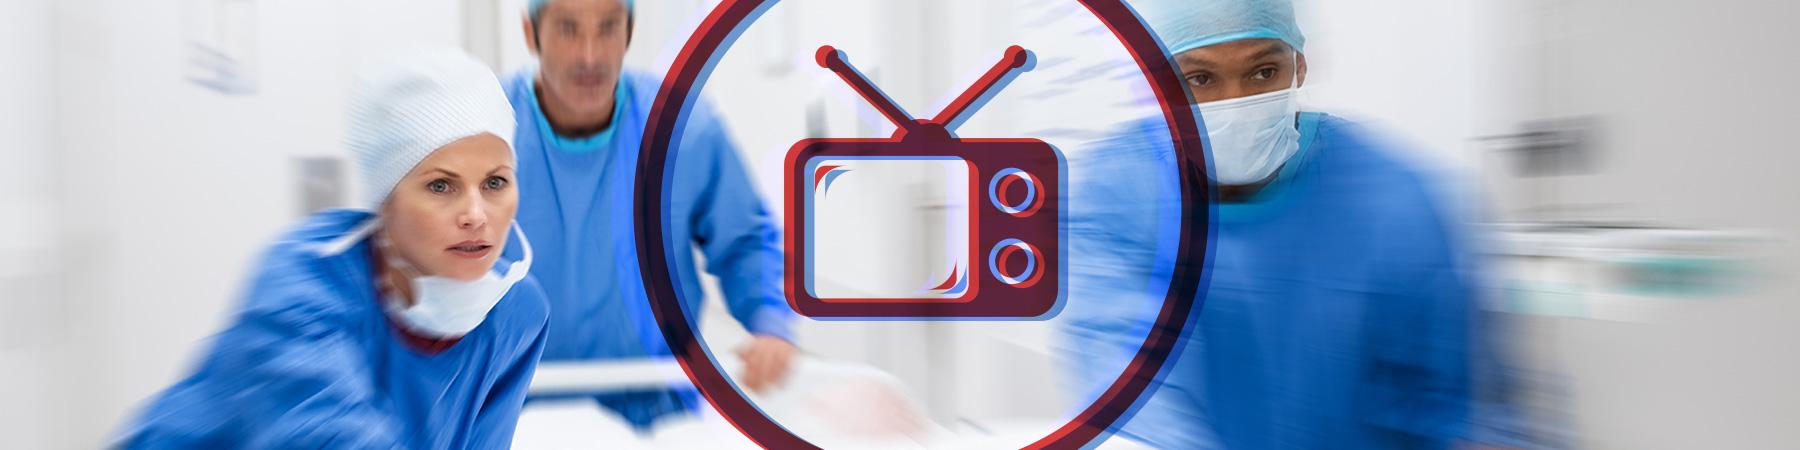 f55af1c91c1 Medical Show Myths  7 Things TV Doctors Get Wrong   Medical Blog ...